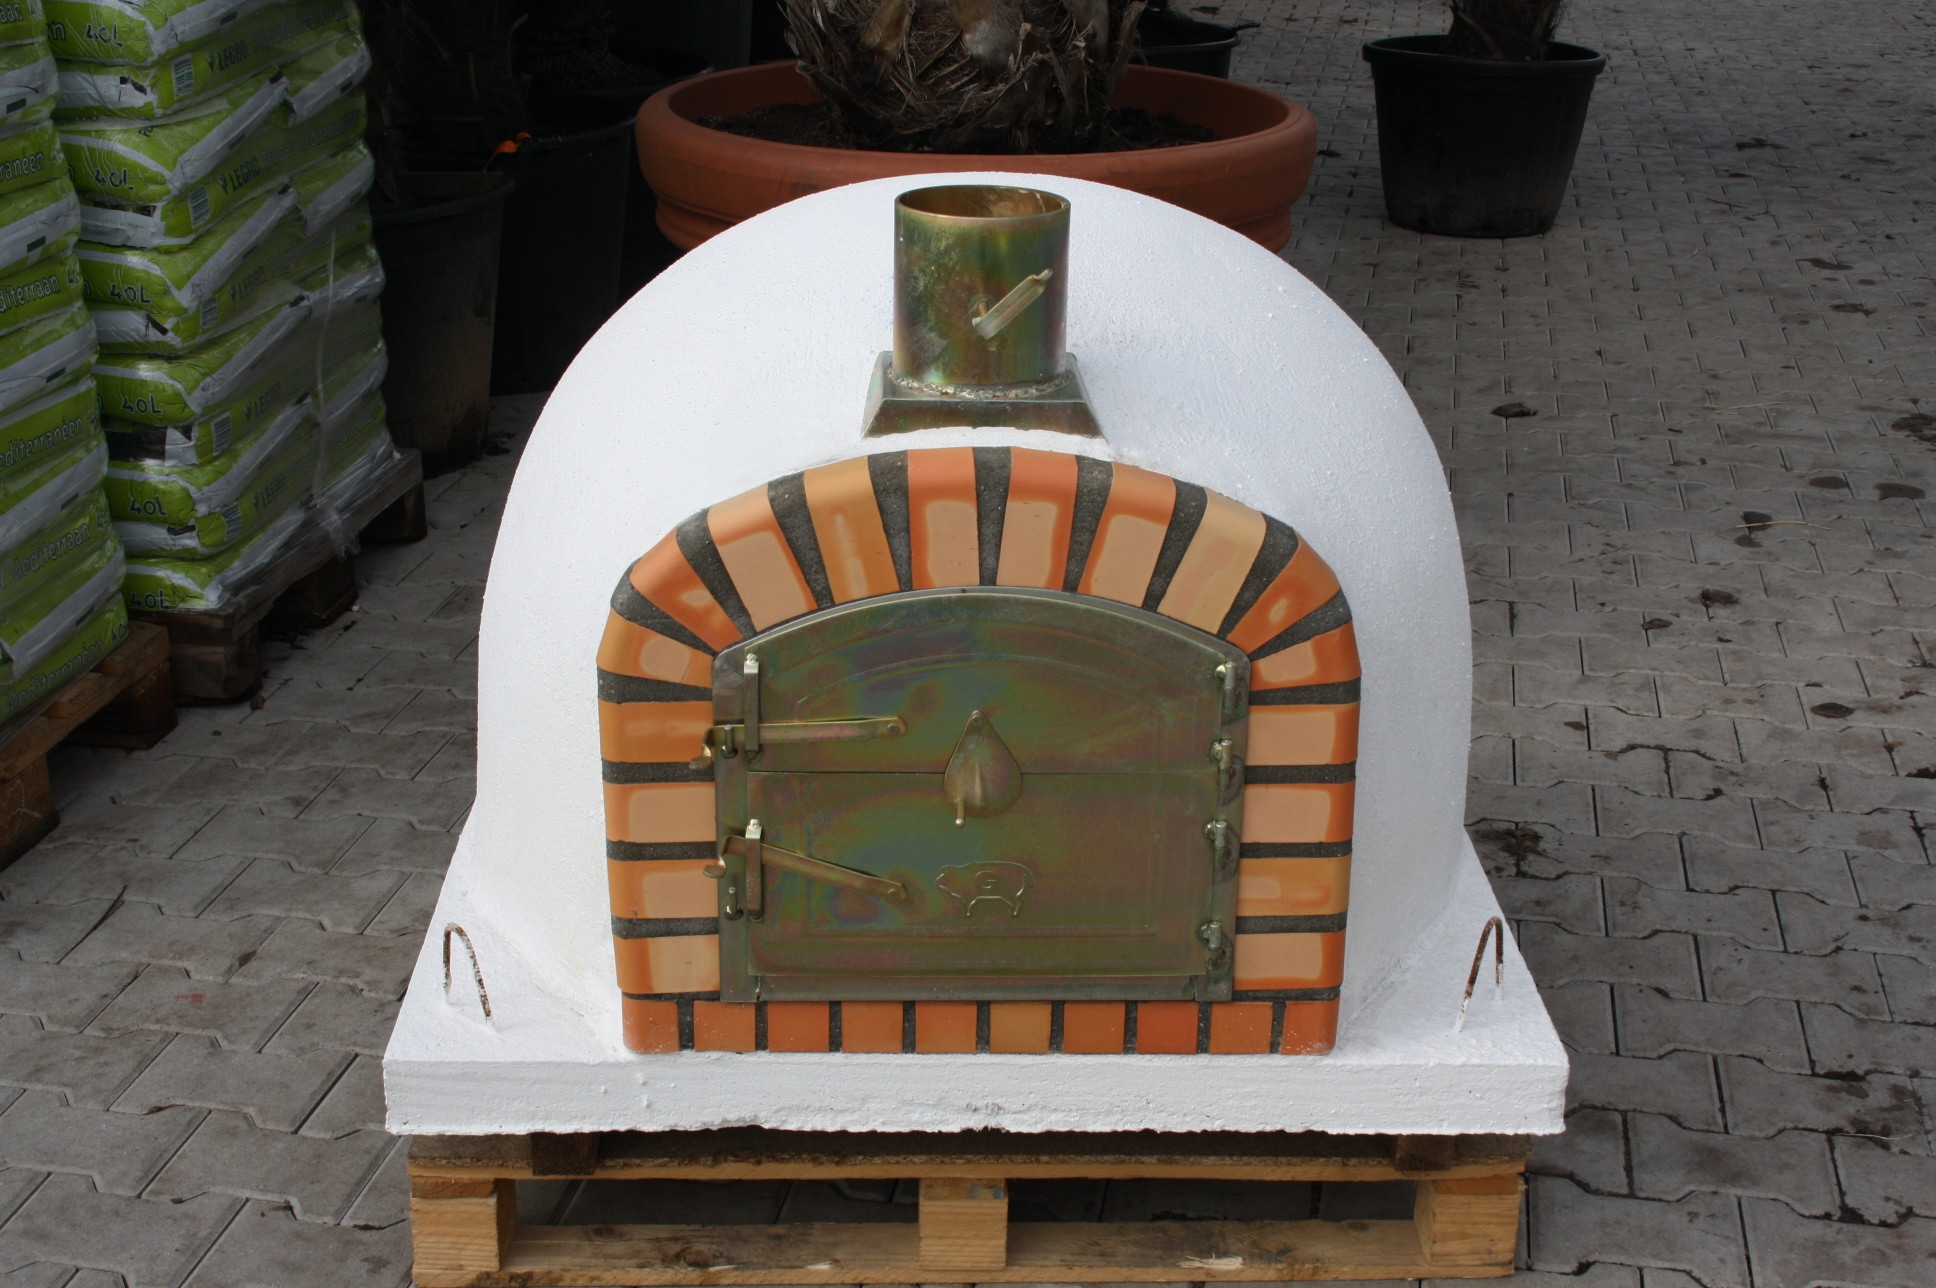 Oven Livorno 90 cm met hoge deur UITVERKOCHT